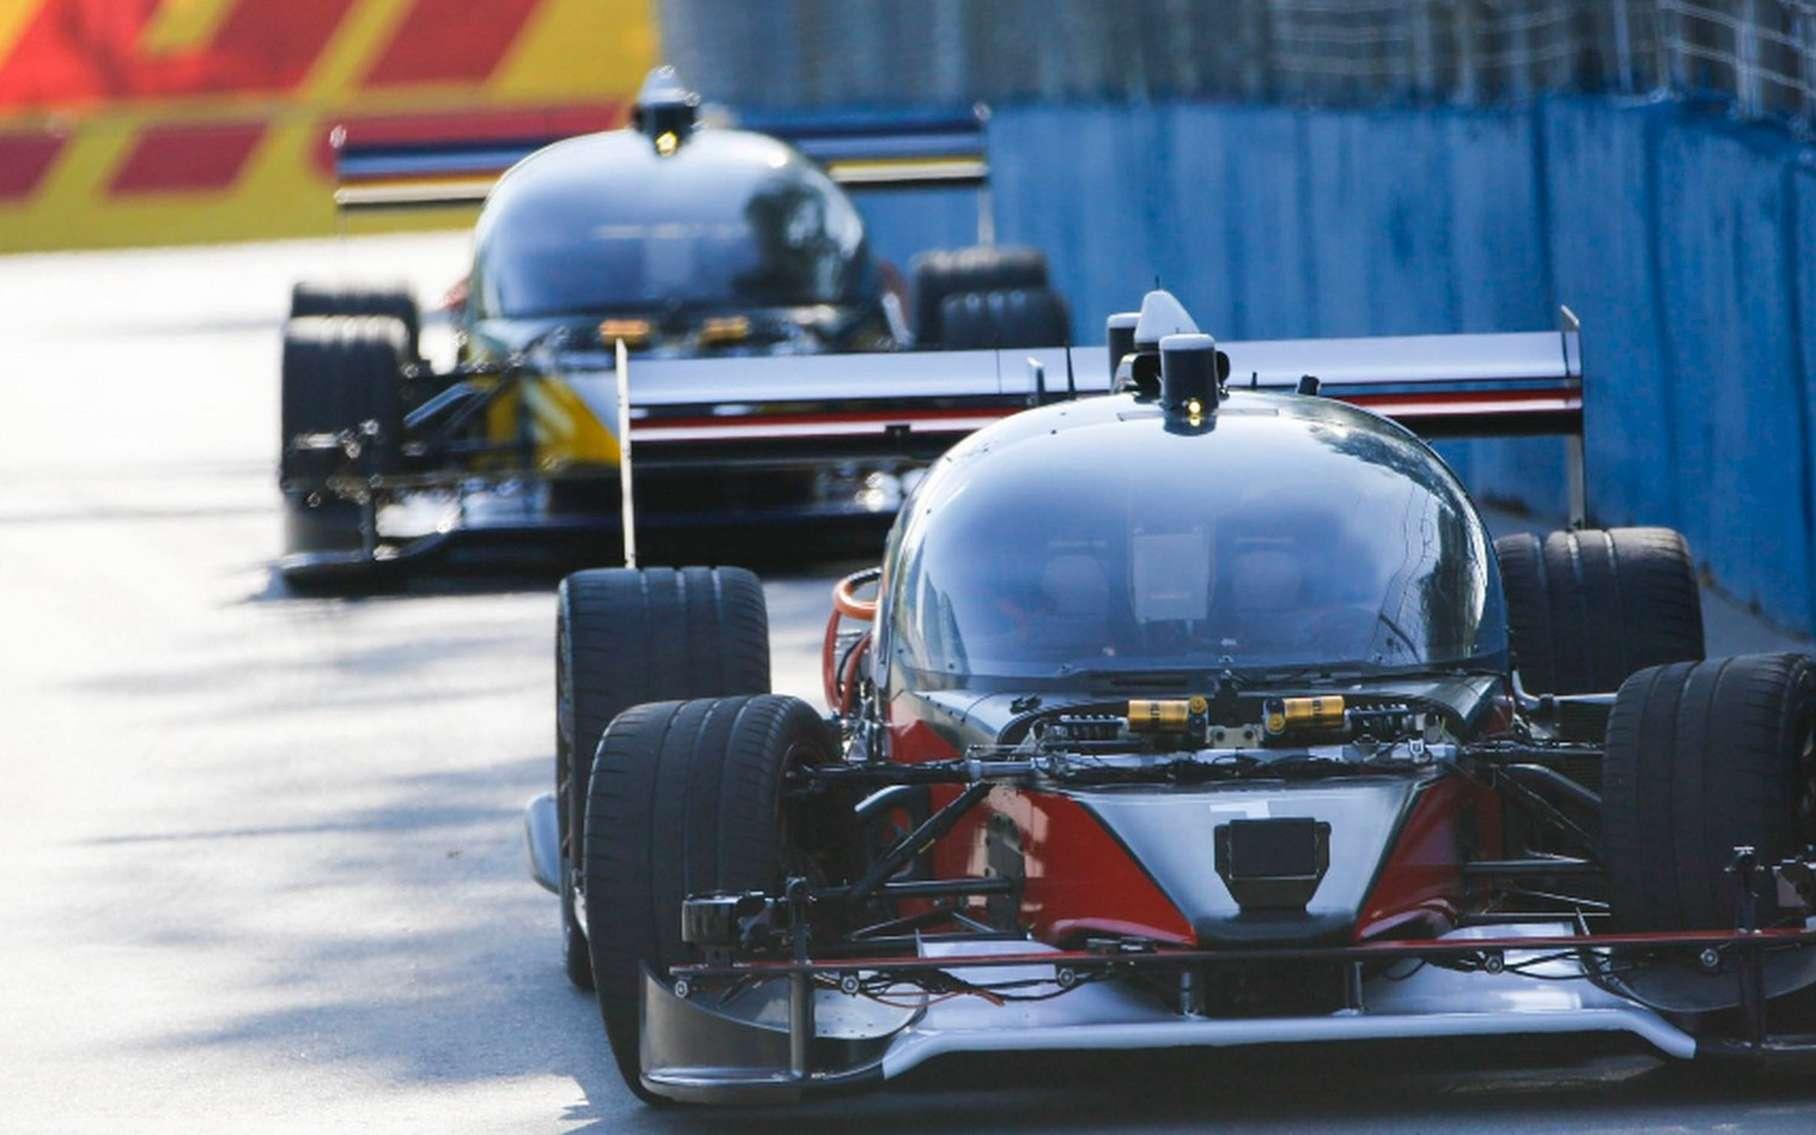 Les prototypes DevBot 1 et 2 de la Roborace se sont affrontés pour la toute première fois sur la piste de Formule-E tracée dans la ville de Buenos Aires. © Roborace